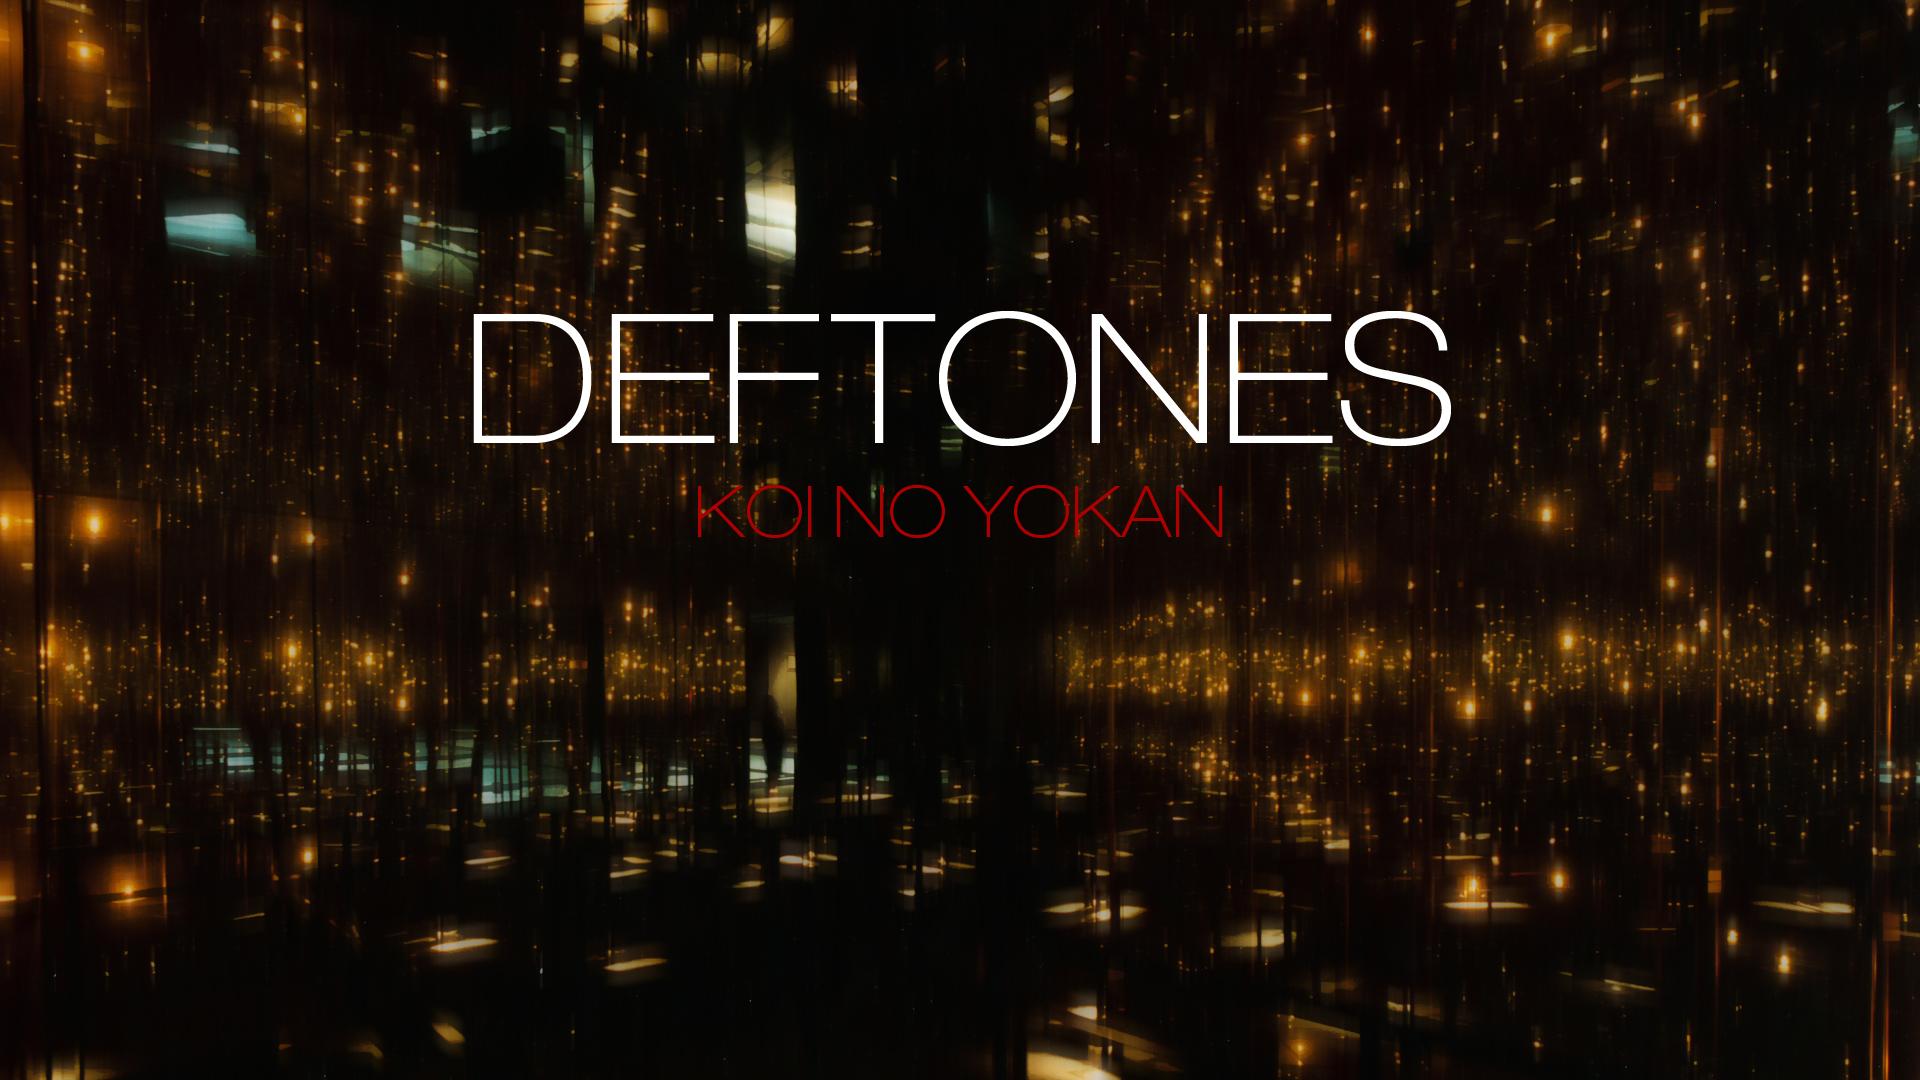 Deftones wallpaper wallpapersafari for Koi no yokan